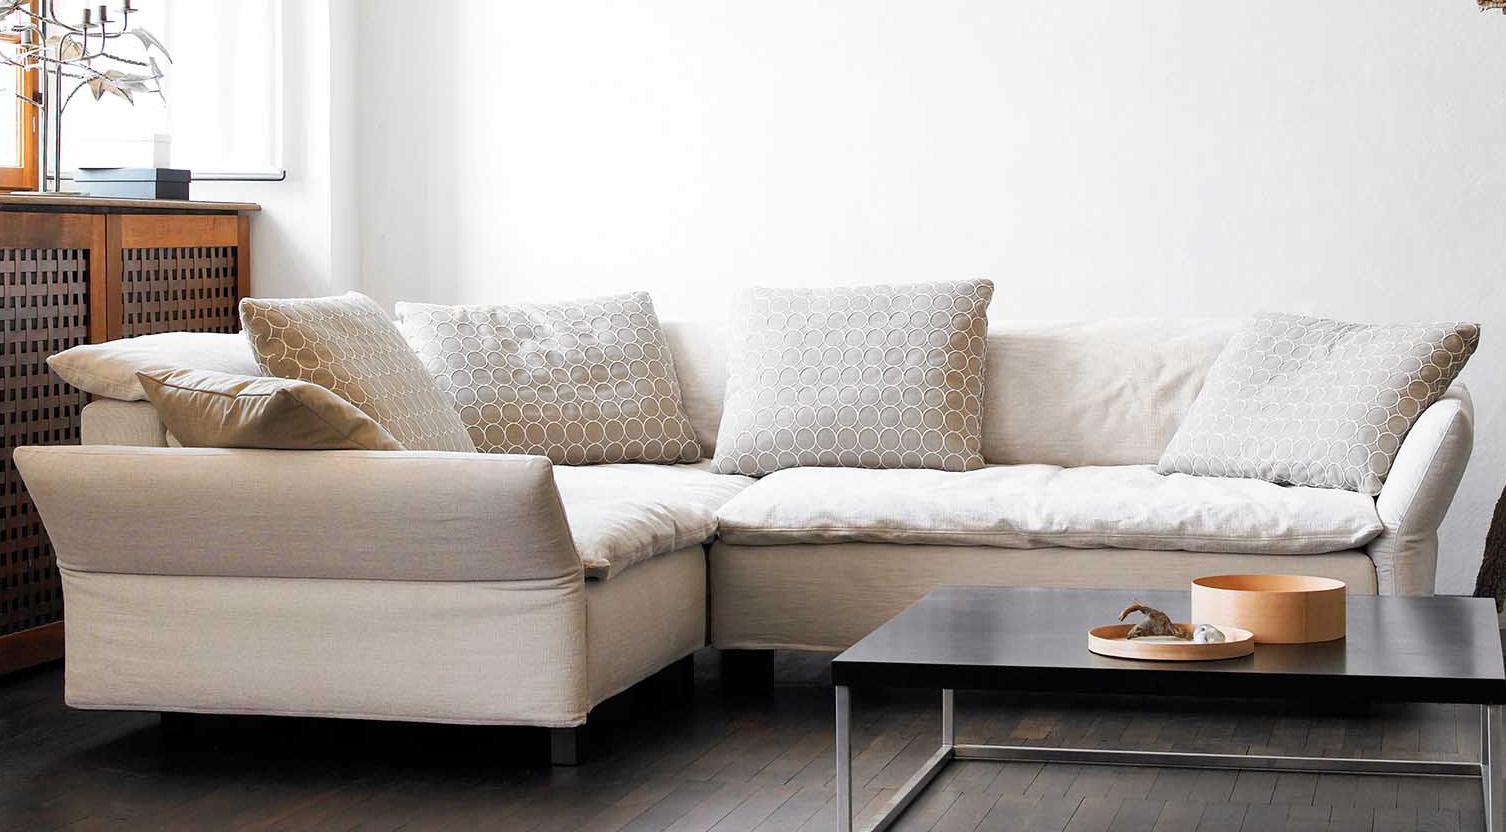 Full Size of Goodlife Sofa Isla 3 Sitzer Mit Relaxfunktion Billig Flexform Hussen Für Ikea Schlaffunktion Günstig Kaufen Wohnlandschaft Abnehmbaren Bezug Kolonialstil Sofa Goodlife Sofa